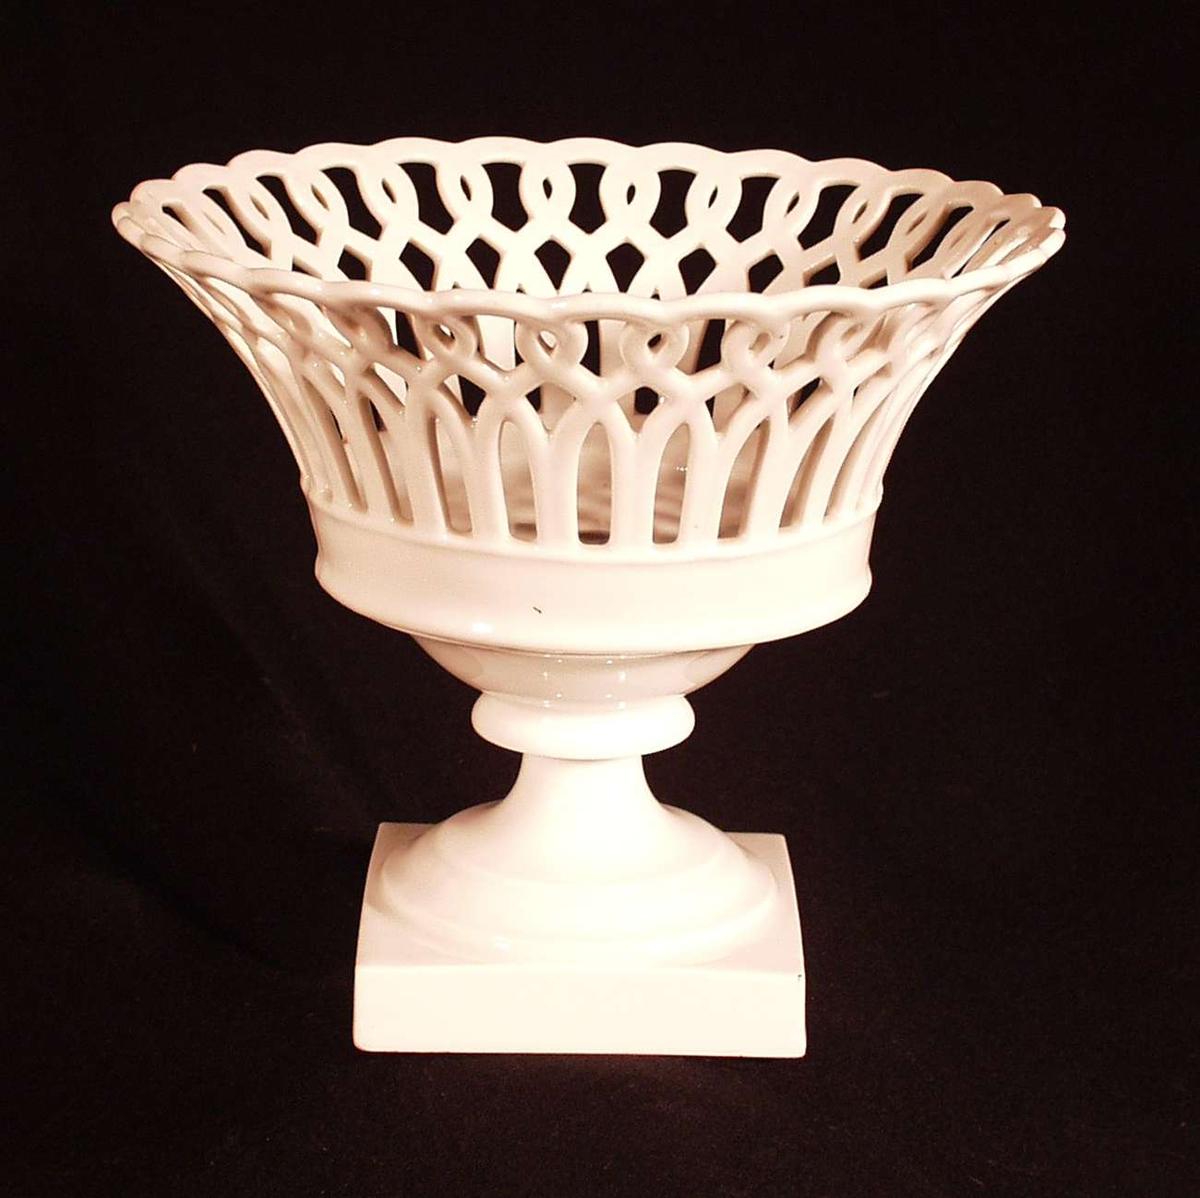 Rund, utoverbøyd m. gjennombrutt flettverk og  tvunget overkant på rund profilert stett .Vasen festet til fotstykket m. skruanretning. Firkantet fotstykke. Andre mål: fotstykket: 10x10.